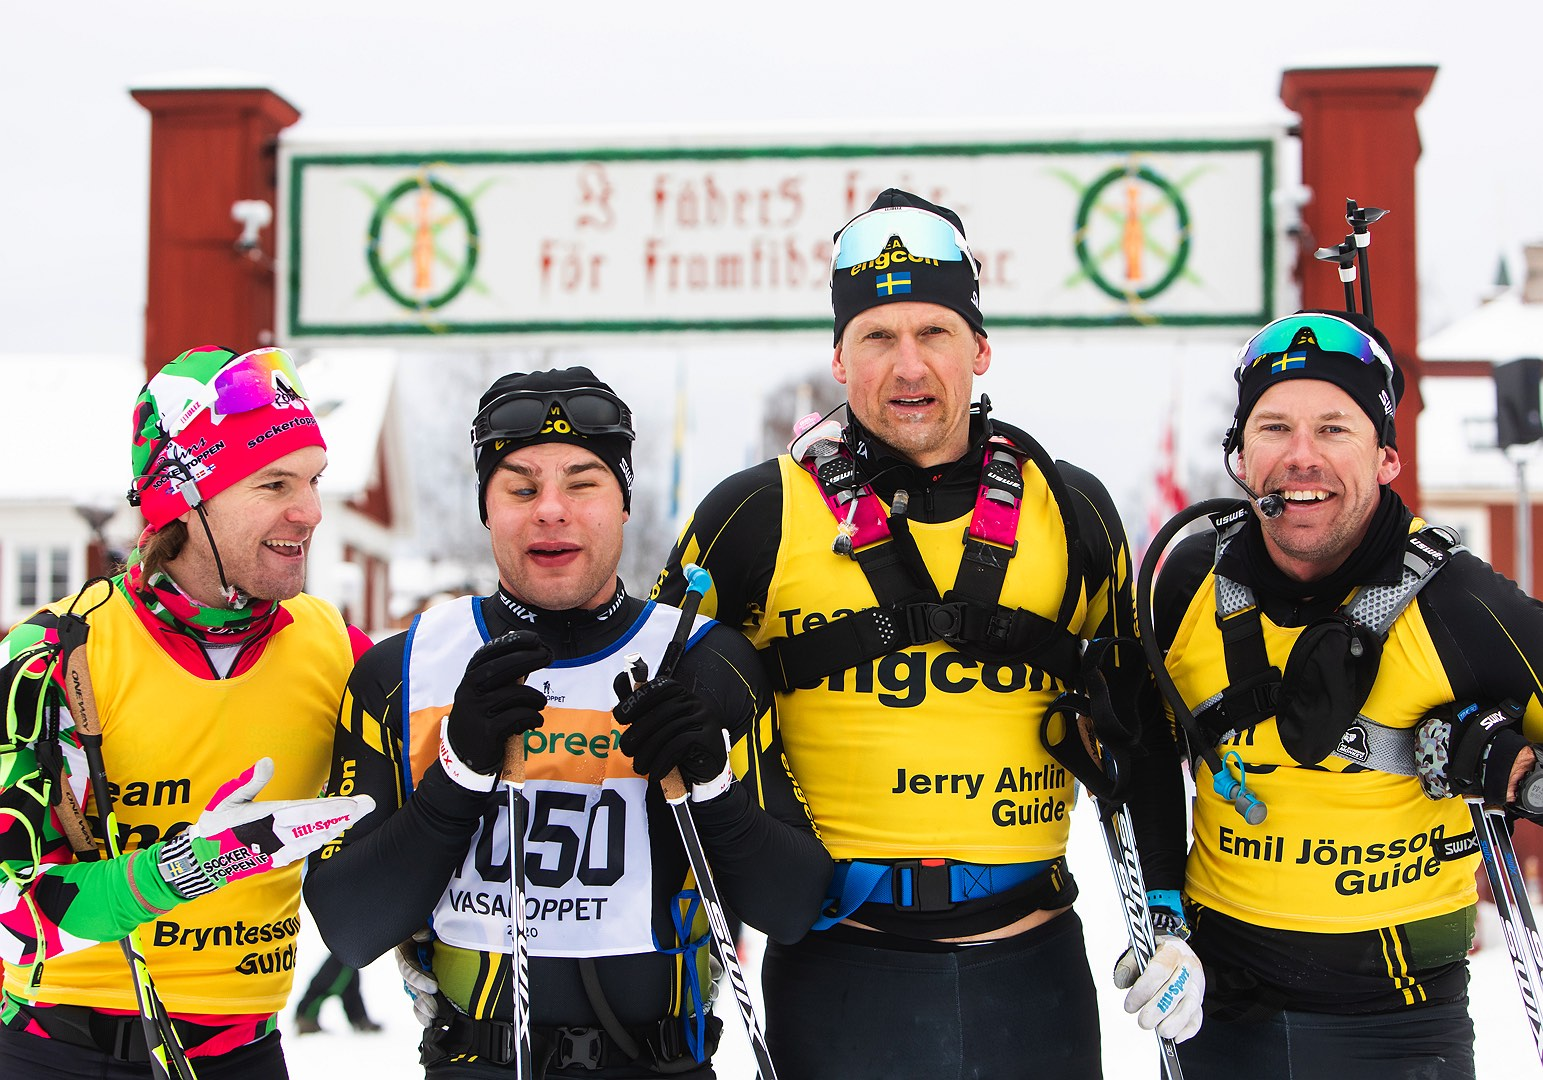 Zebastian Modin och hans ledsagare Jerry Ahrlin, Robin Bryntesson och Emil Jönsson Haag åkte i mål på 05:44:10 på Vasaloppet 2020. Foto: Vasaloppet